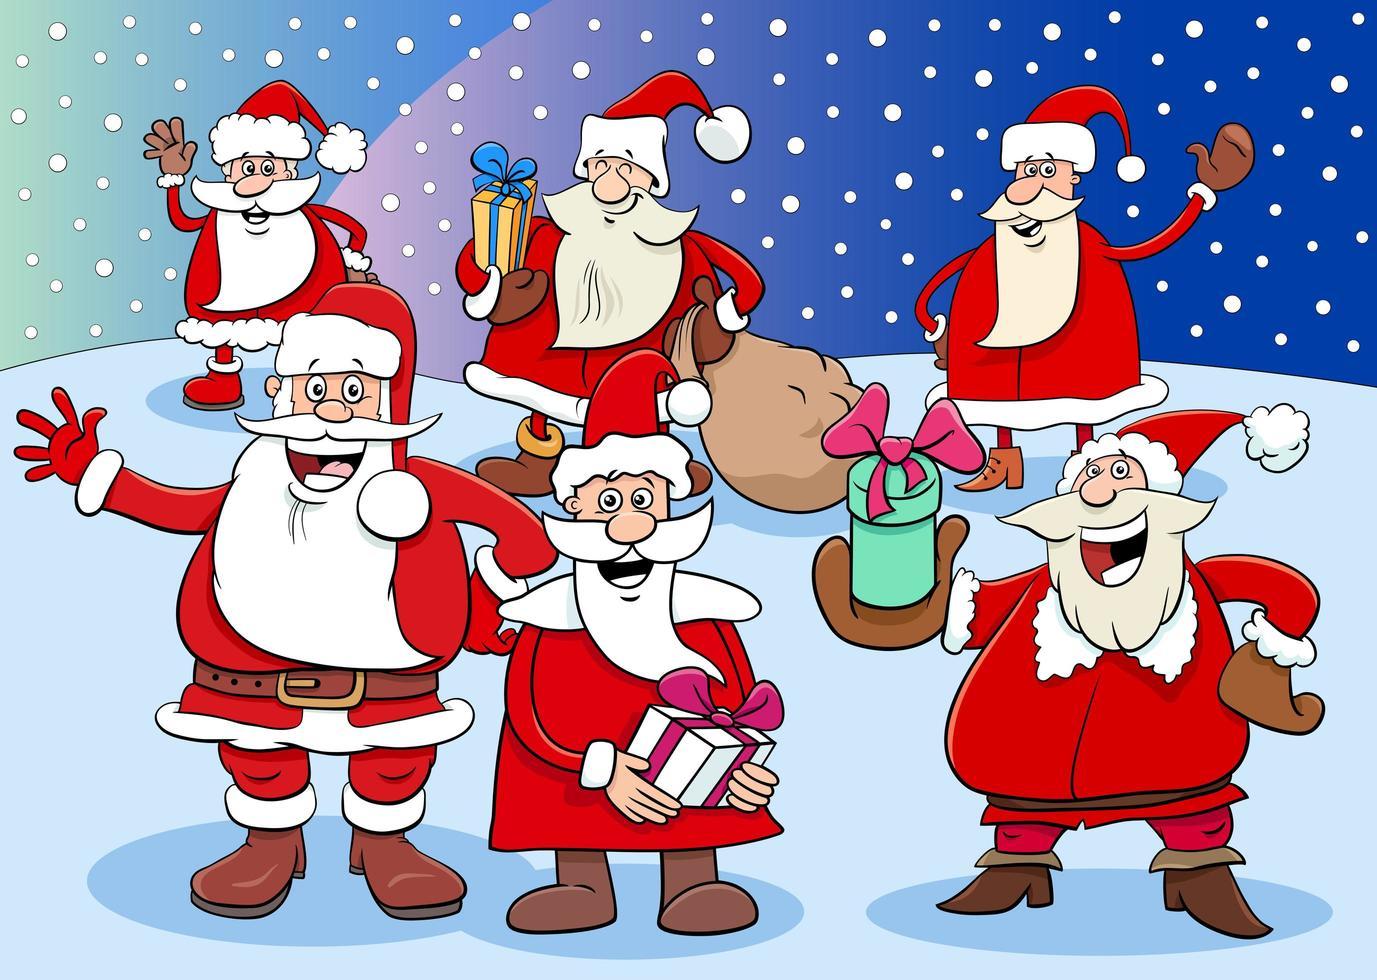 grupo de personagens do papai noel na época do natal vetor